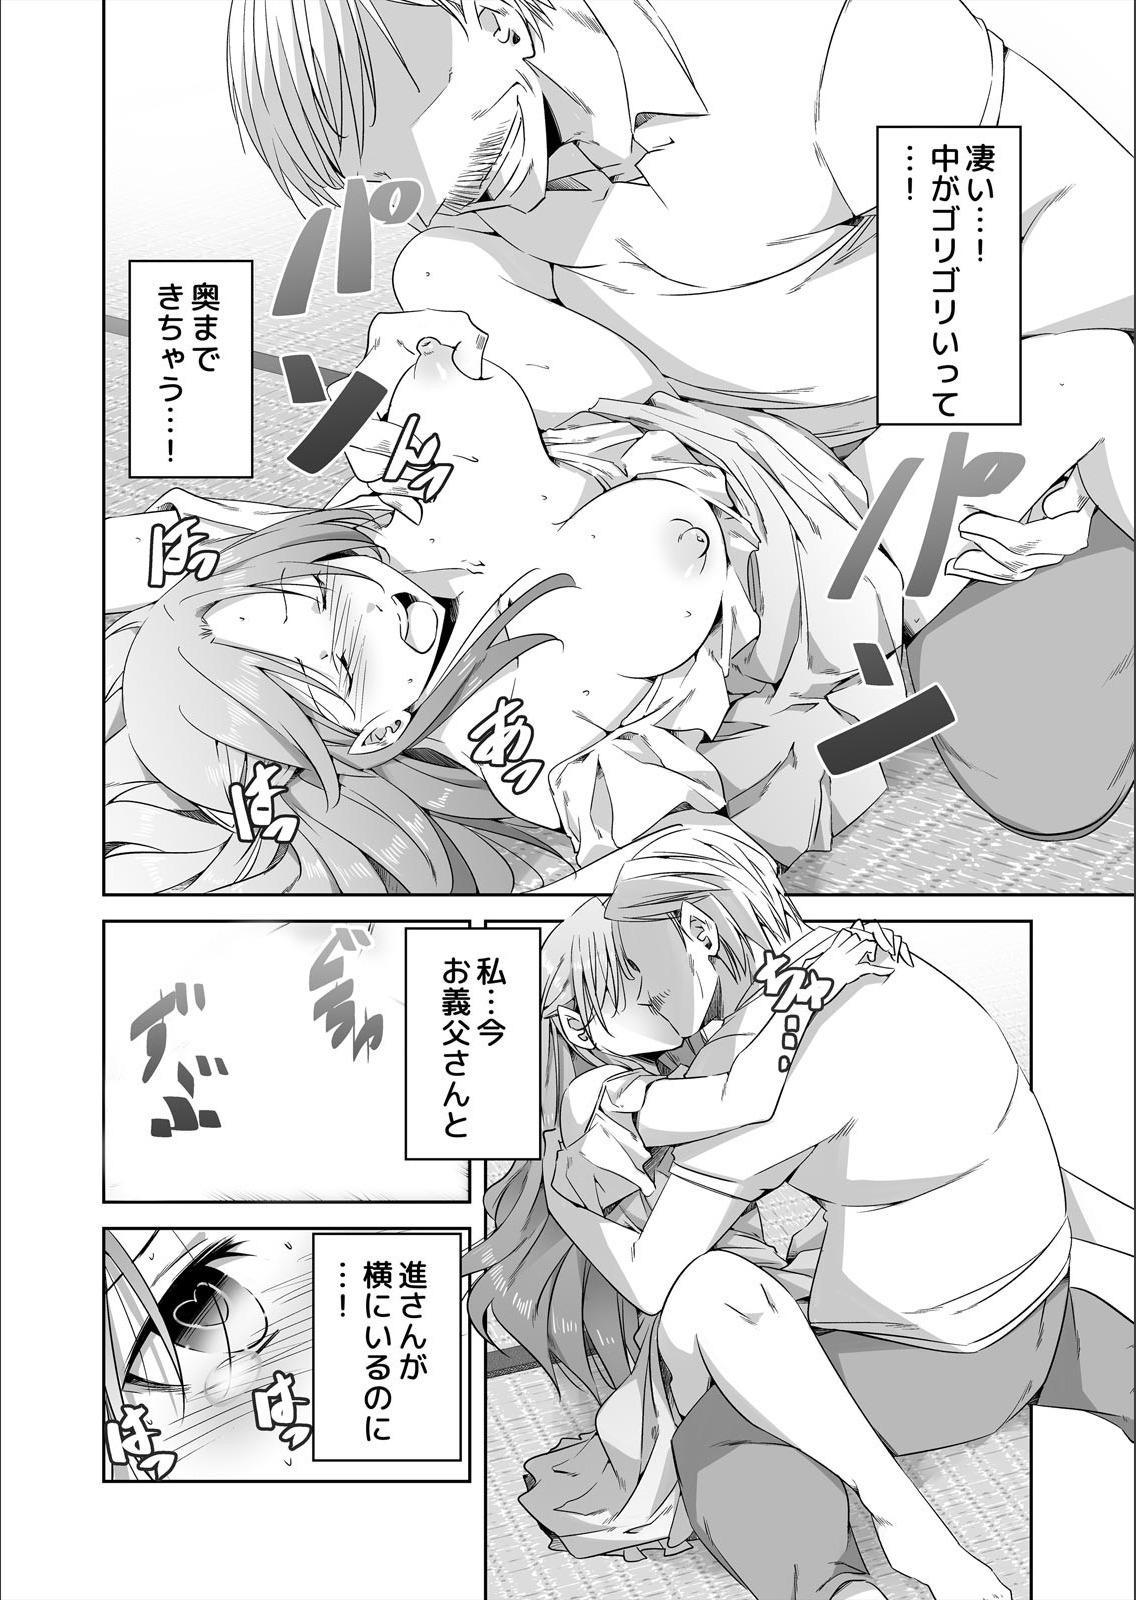 [Bokuboku] Nusumu Hitozuma, Okasu Gifu ~Shujin ni wa Iwanaide Kudasai...~ Ch.1 22